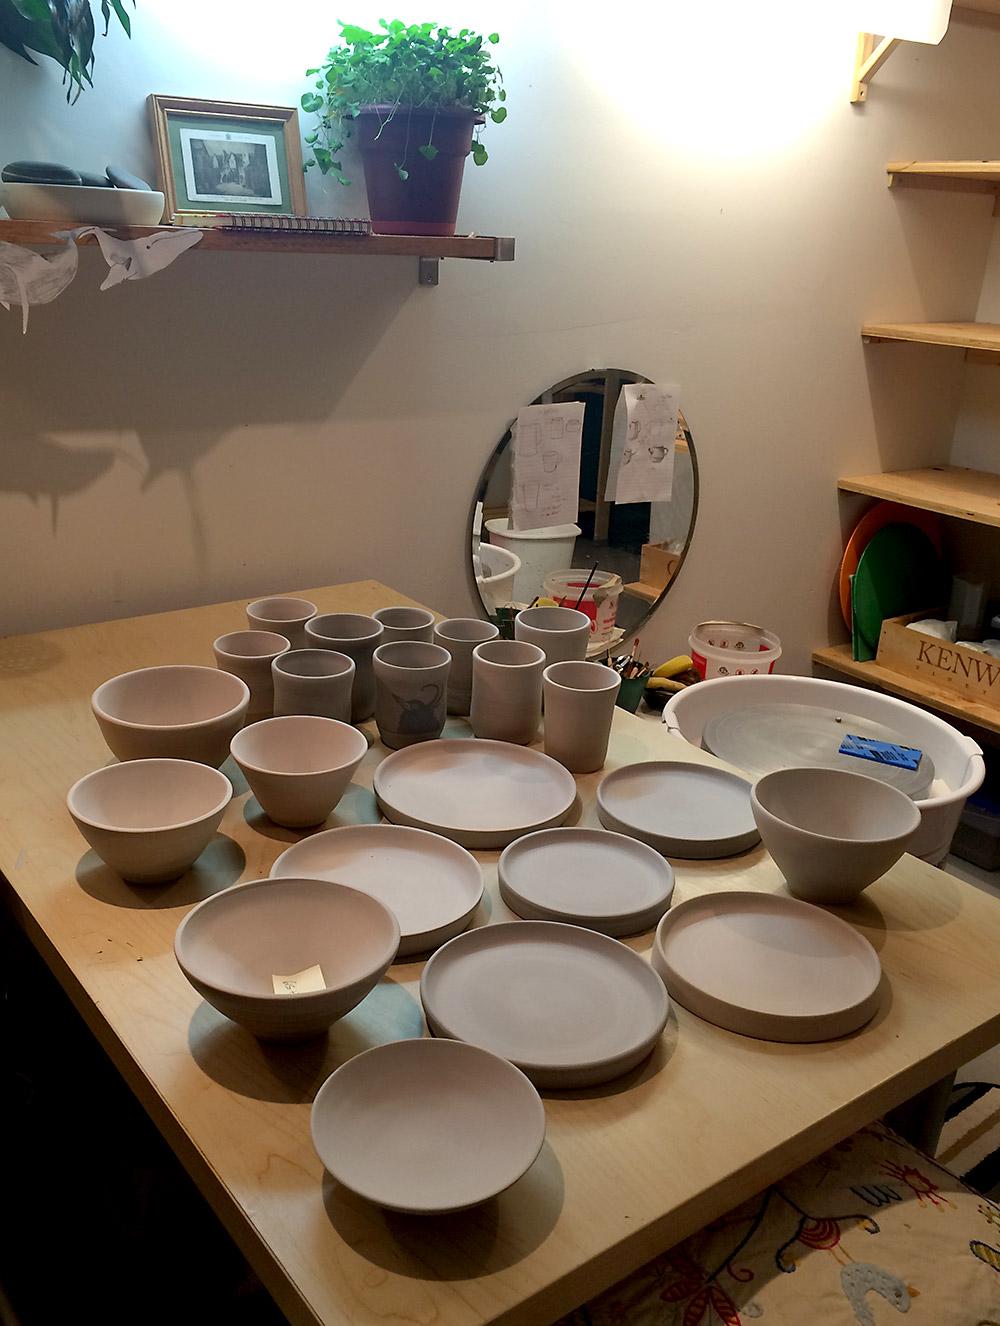 Ceramics by La Datcha (Julie Lapointe)